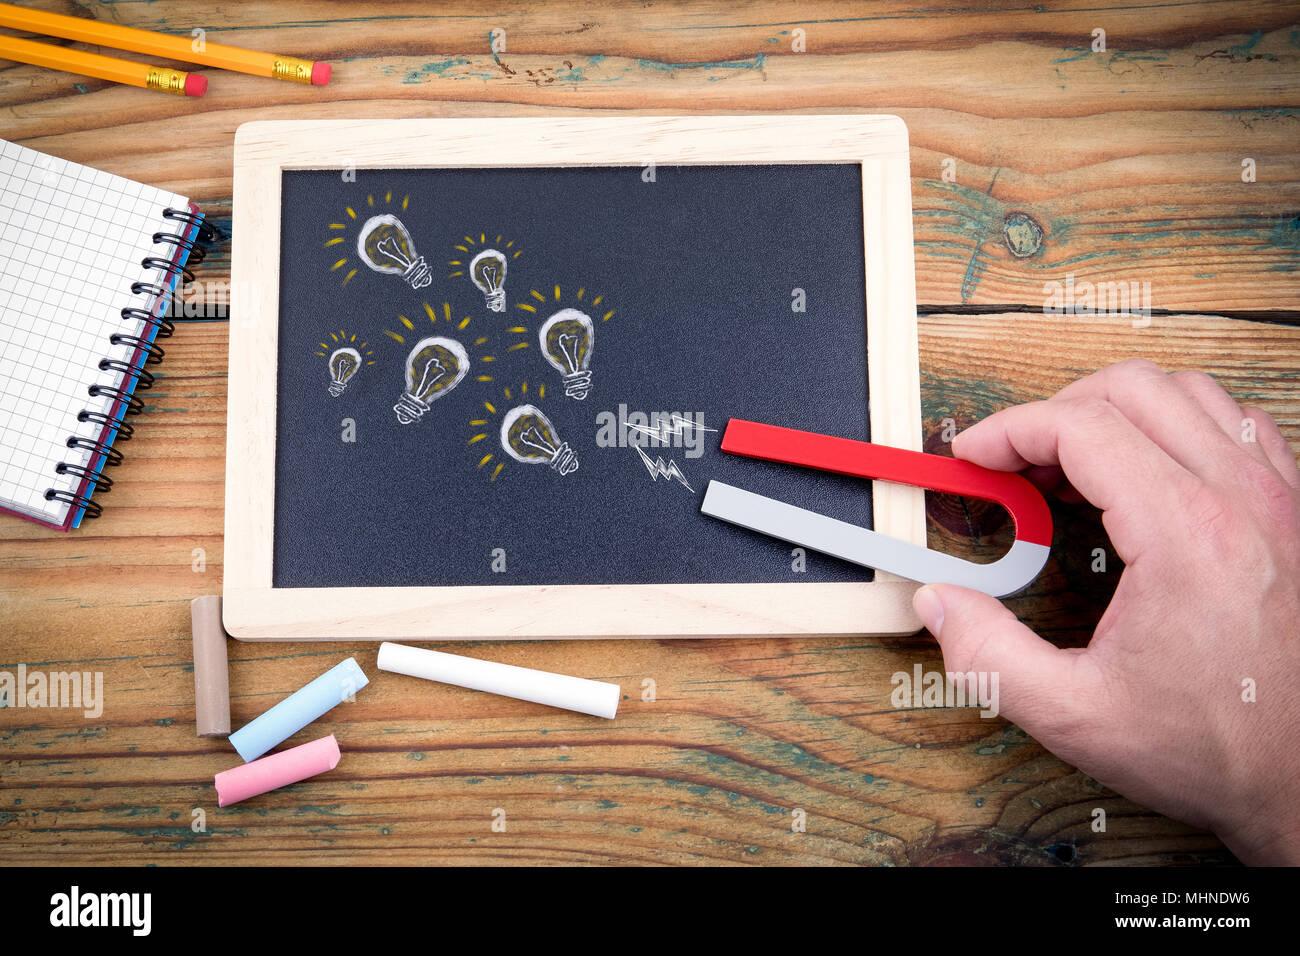 Voir d'aimant qui attire le trafic de l'ampoule d'idées, d'innovations, startups. Tableau noir et craie sur table en bois Banque D'Images